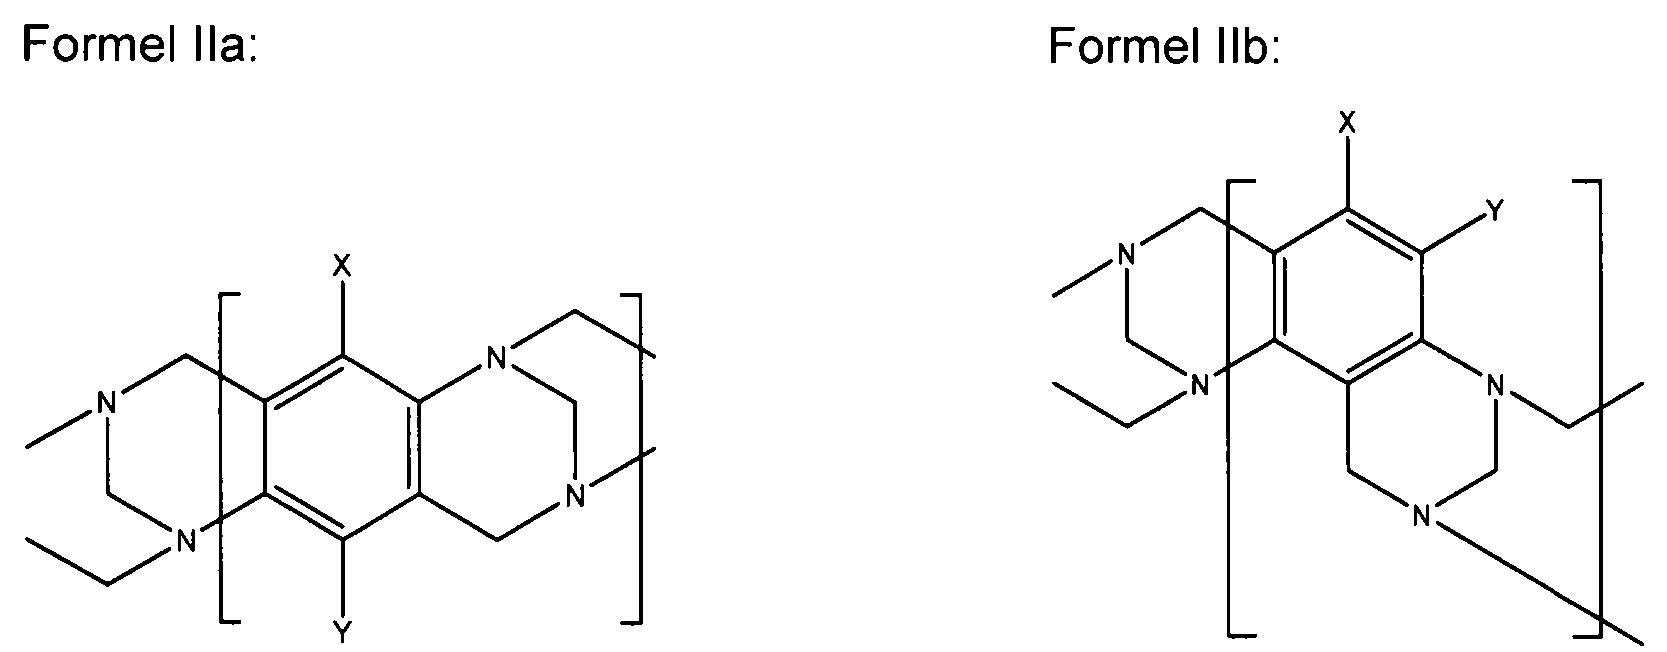 Figure DE112016005378T5_0005